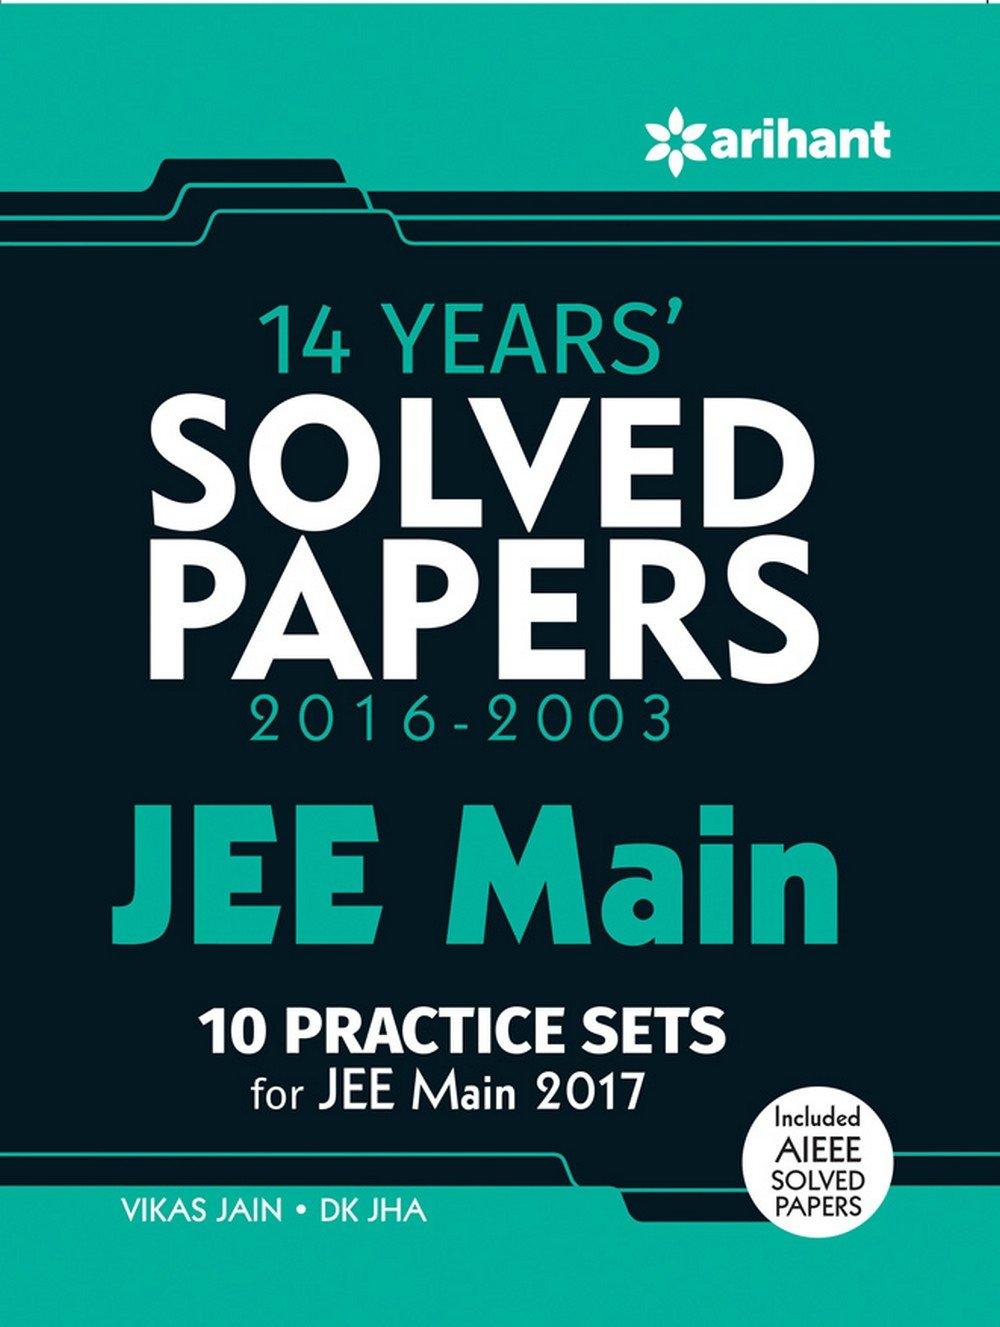 AIEEE LAST 10 YEARS PAPERS EBOOK DOWNLOAD